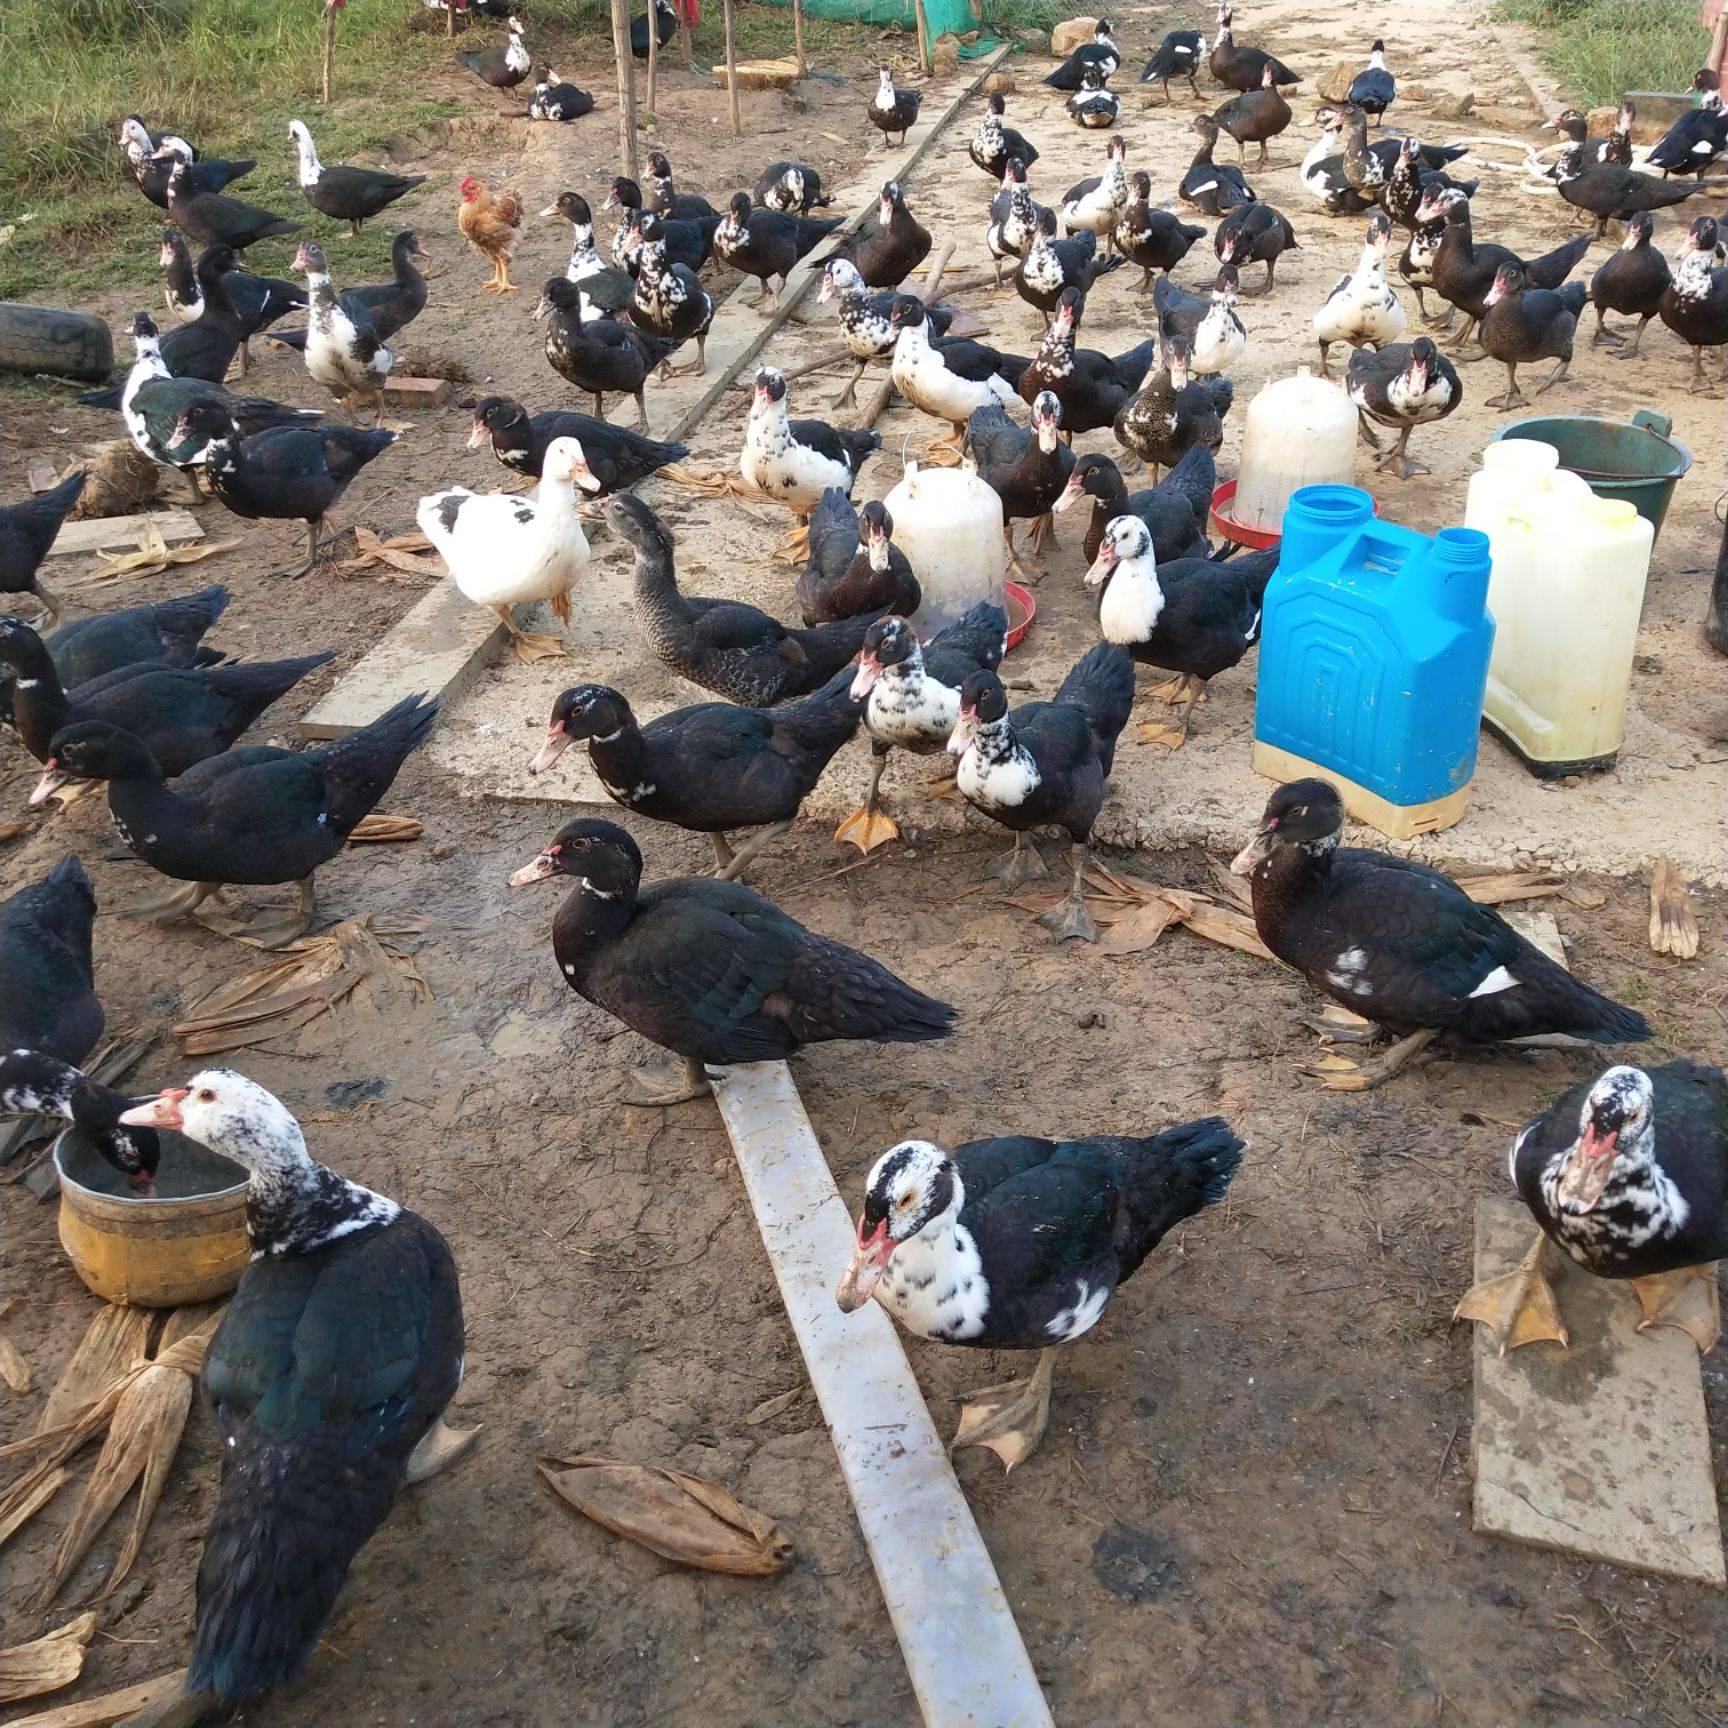 [鸭肉类批发]鸭肉类 放养火鸭,只喂玉米,米糠,蔬菜,青草,批发每斤二十元价格20元/斤